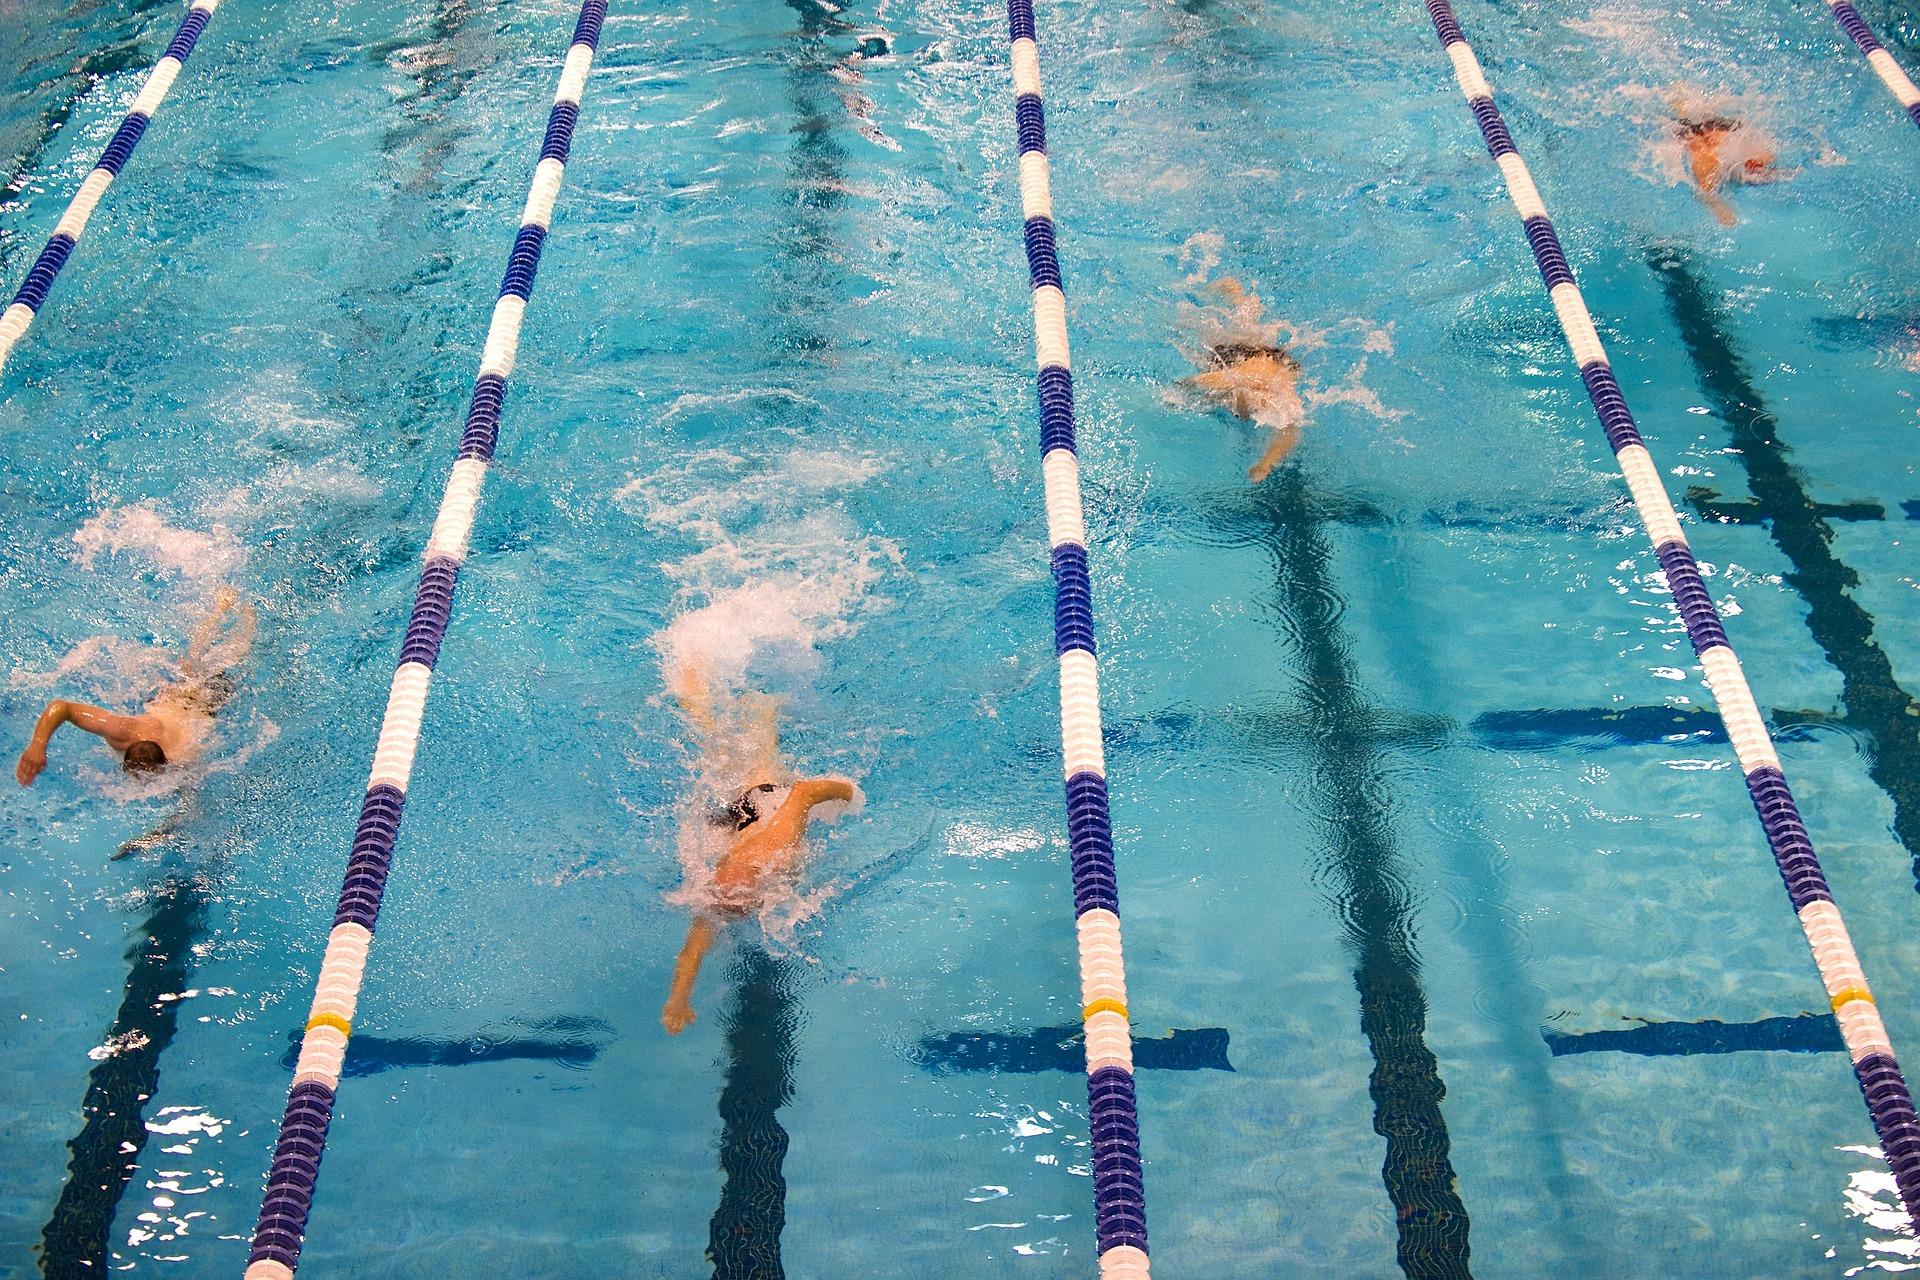 Instruktor pływania – jak zostać. Podajemy najważniejsze szczegóły!